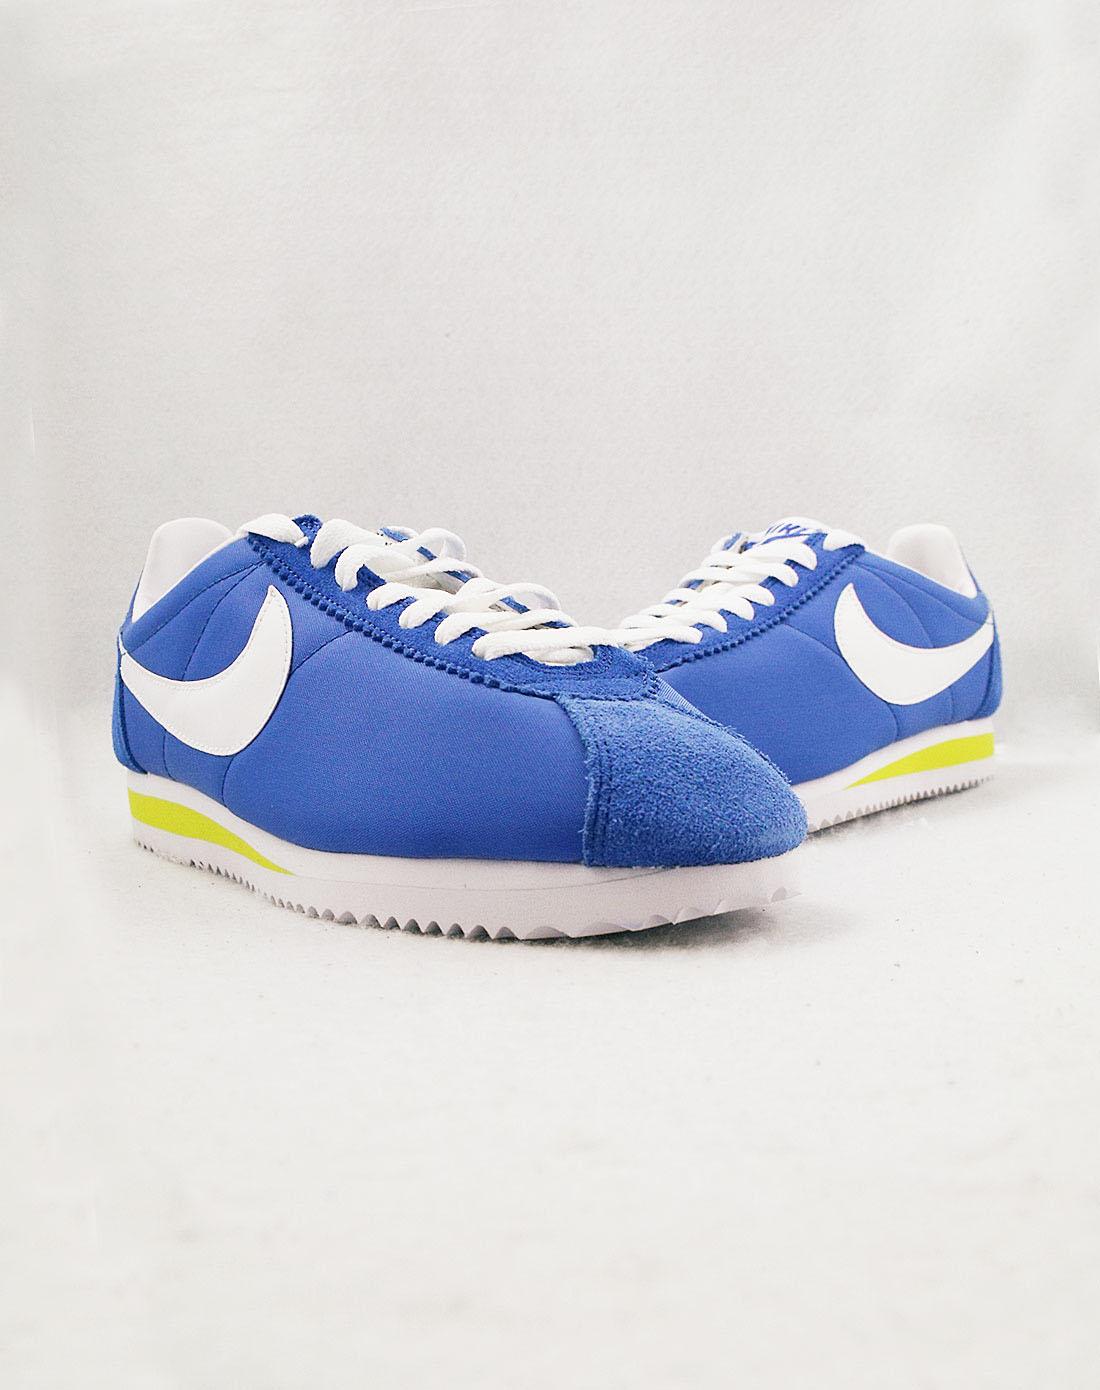 耐克nike男女款蓝色甜美休闲运动鞋457226-402